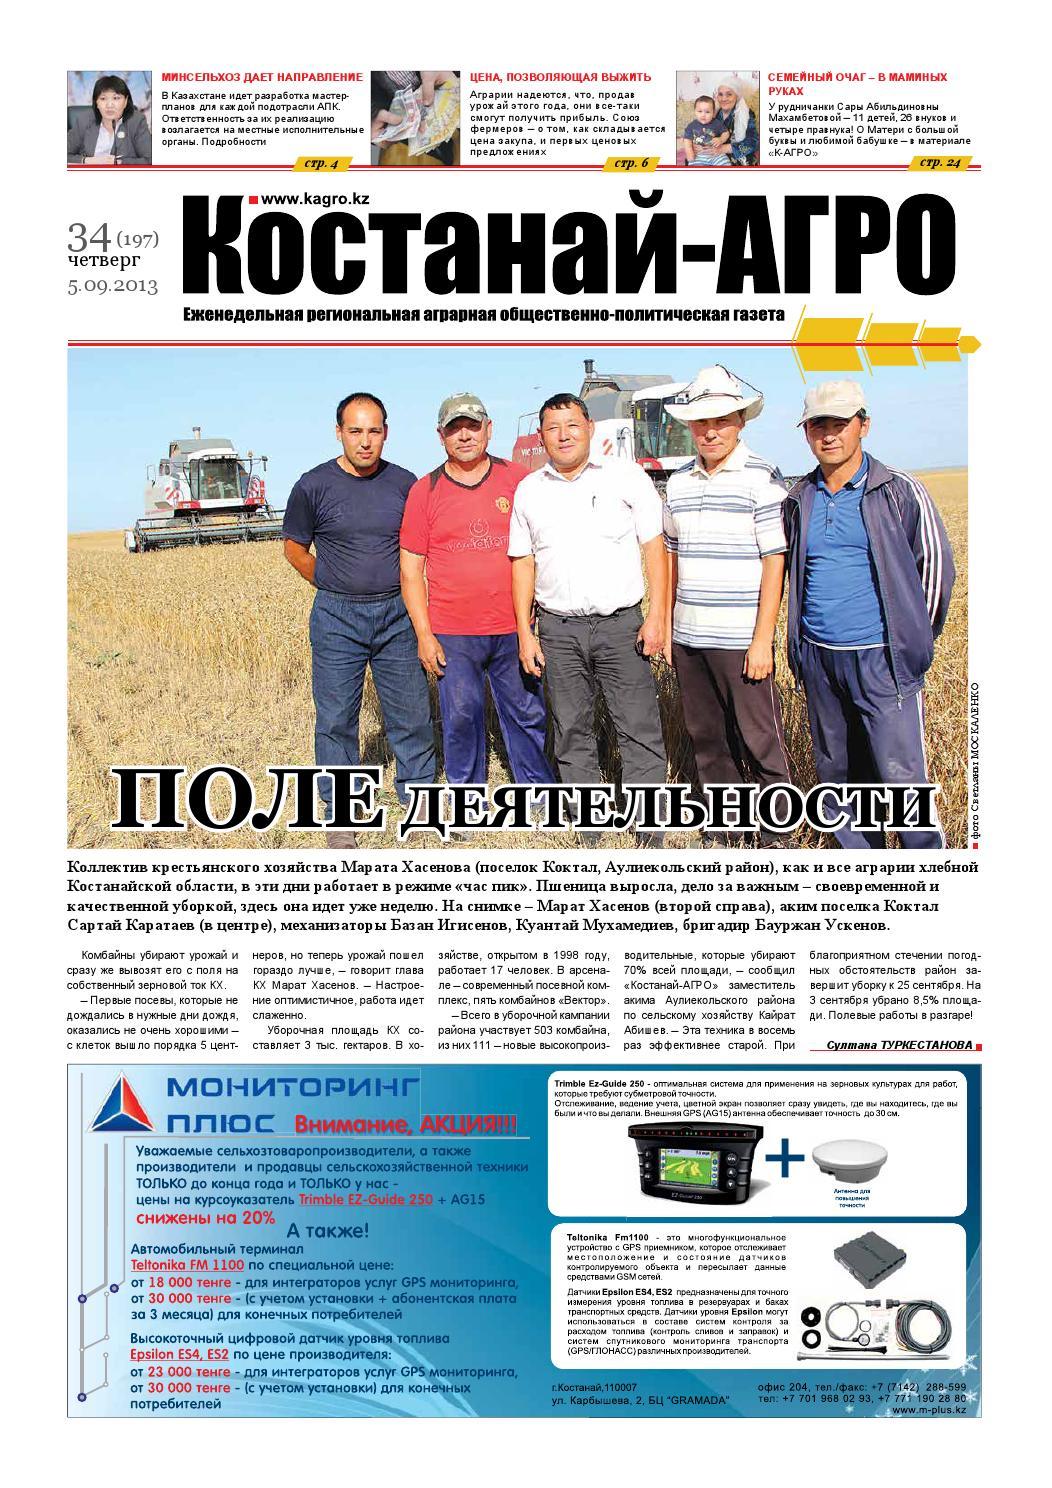 инструкция нотариальные действия делопроизводство на казахском языке